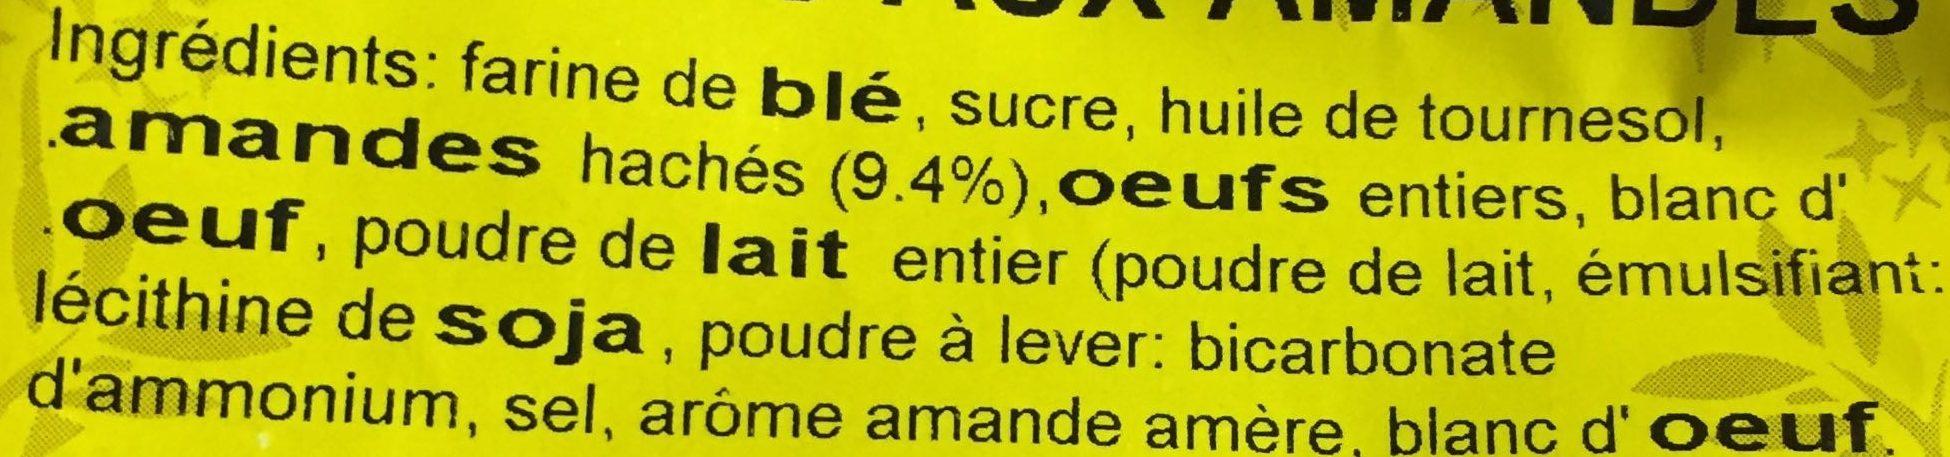 Croquets aux amandes - Ingredients